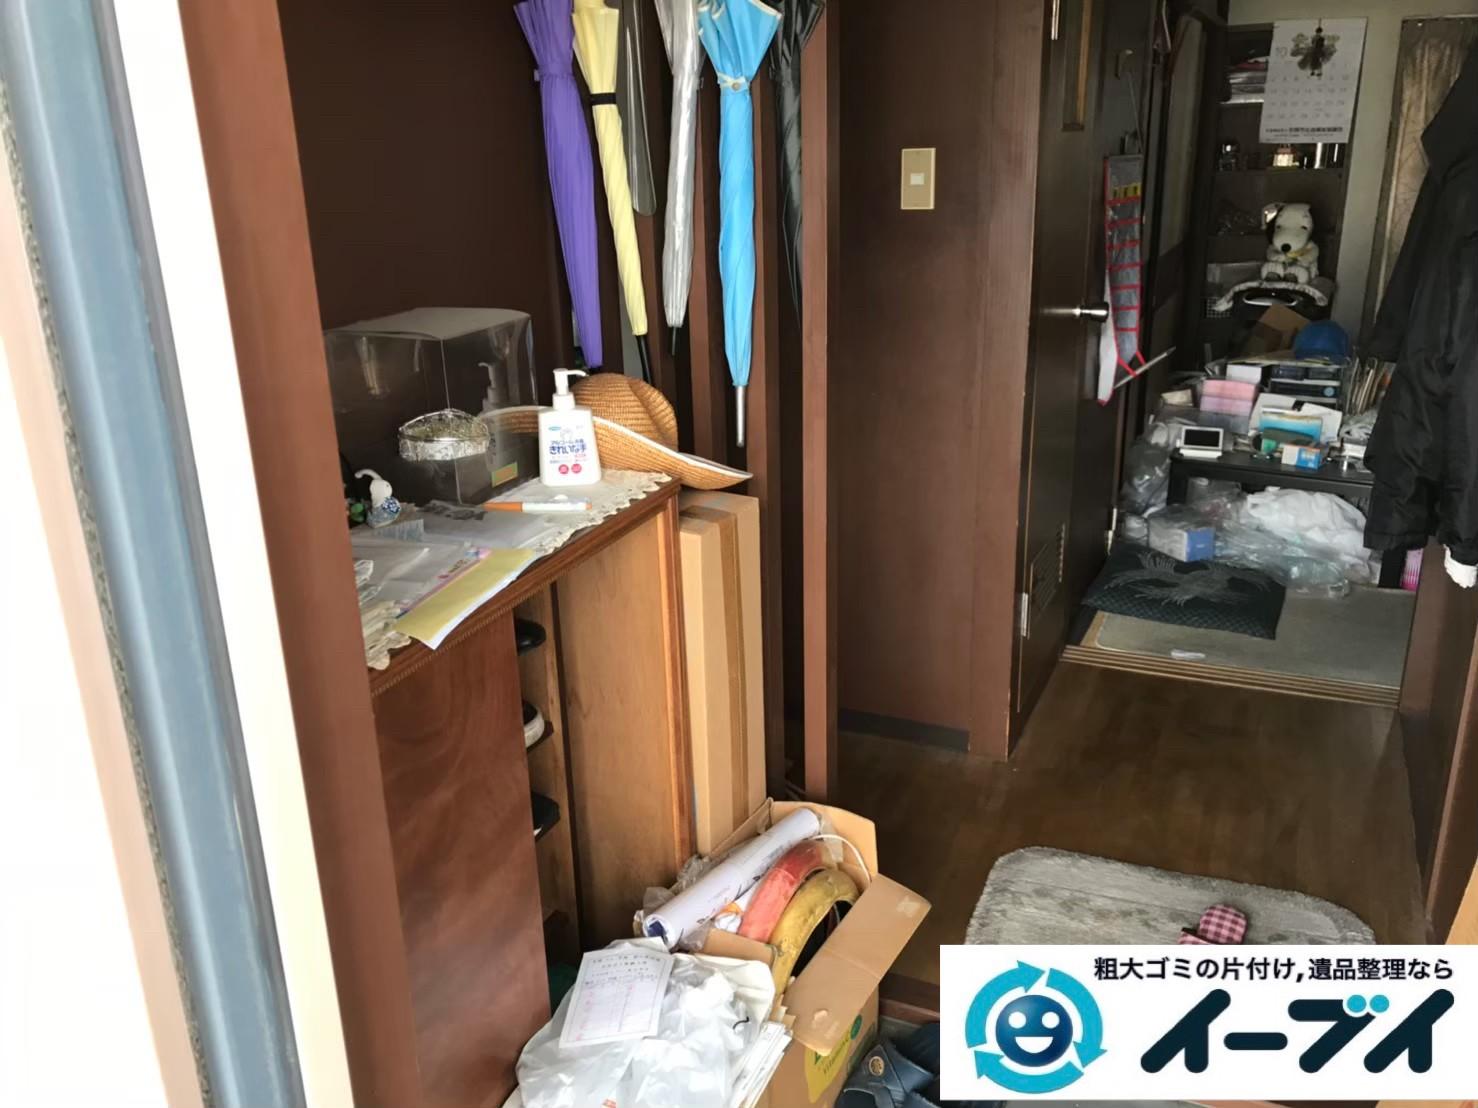 2020年6月15日大阪府能勢町で物が多いお家の不用品回収させていただきました。写真1